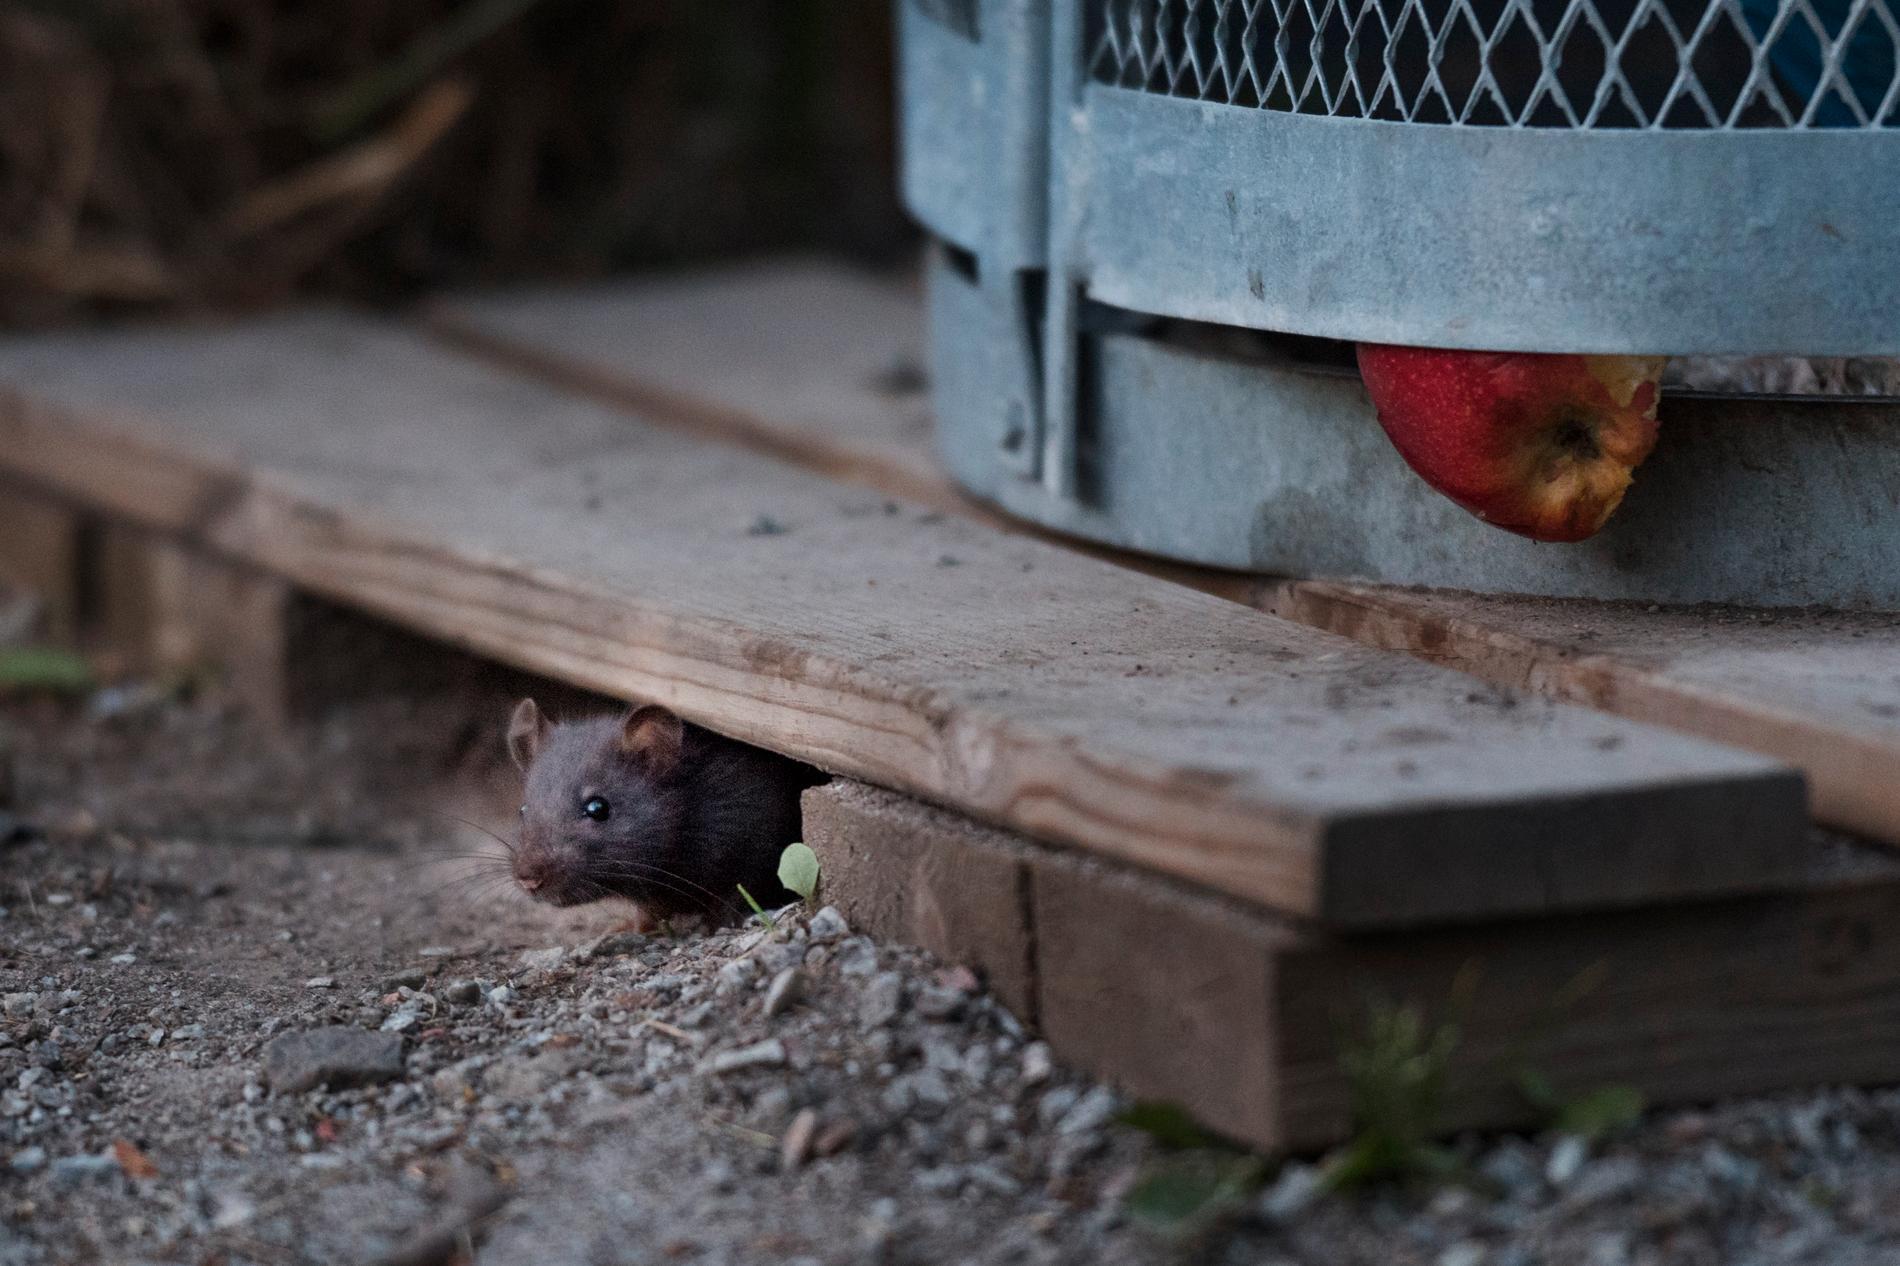 En råtta orsakade ett omkring 90 minuter långt strömavbrott. Arkivbild.